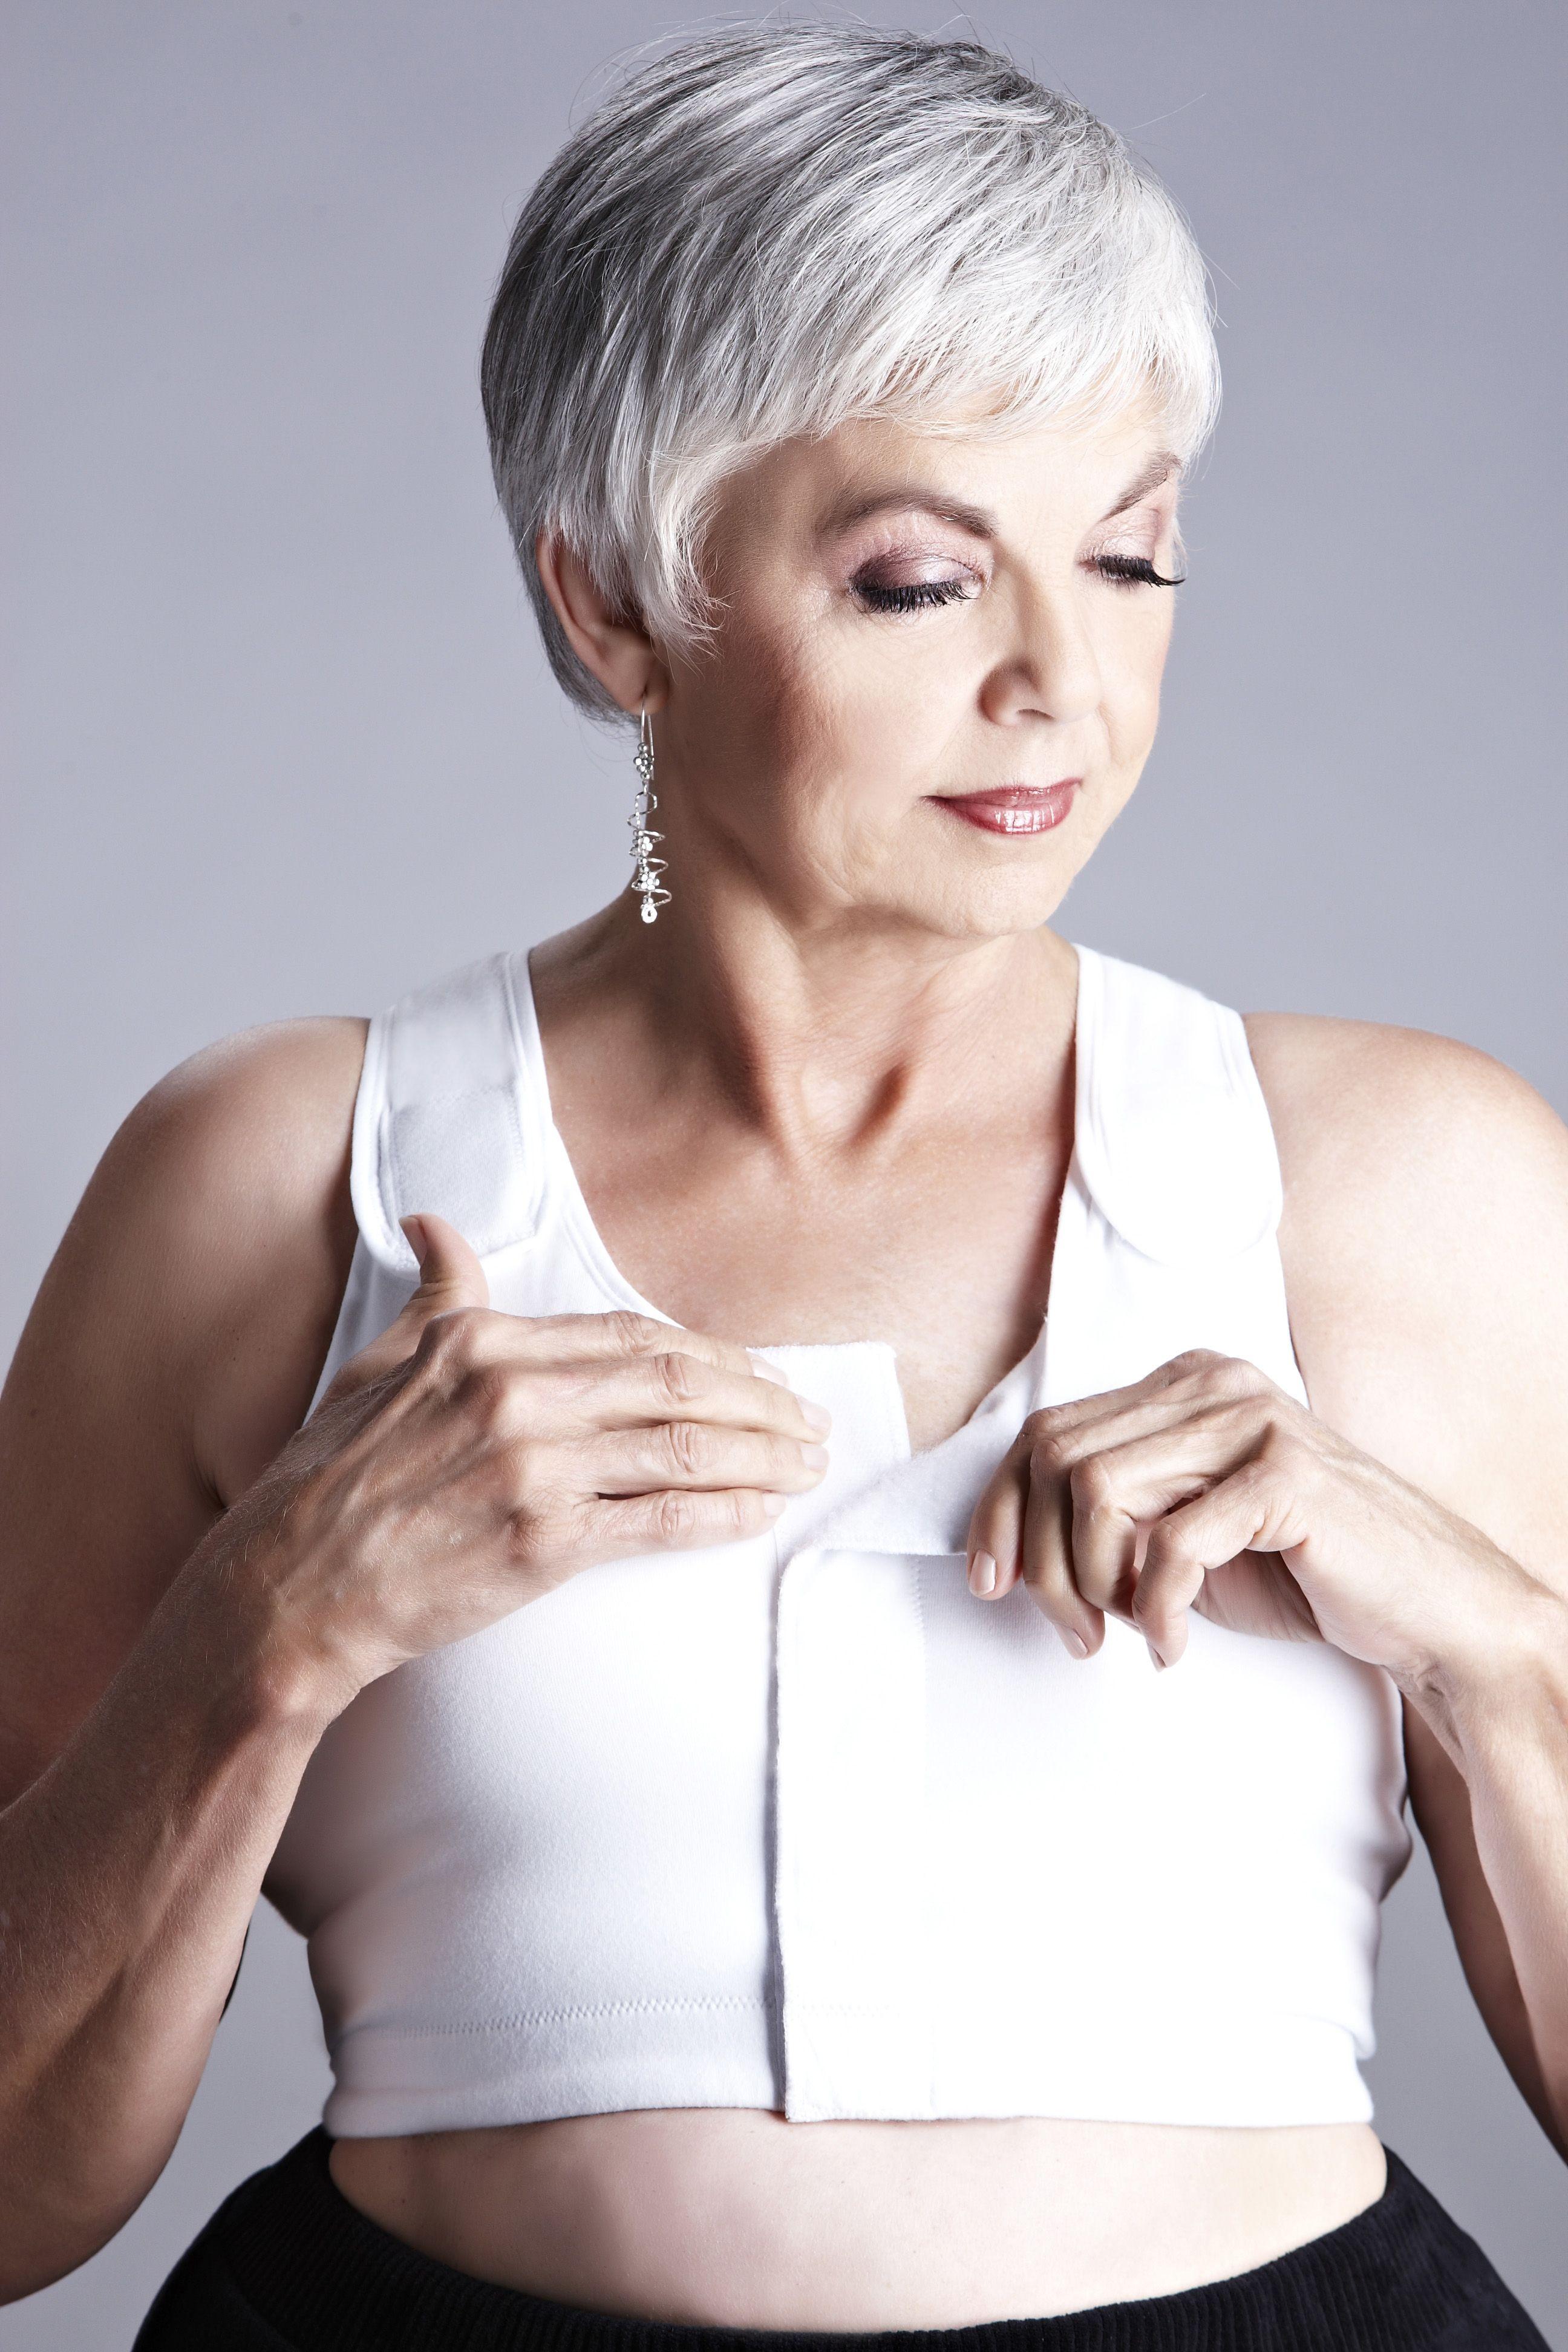 4b232e4c3c044 American Breast Care Velcro Front Compression Bra